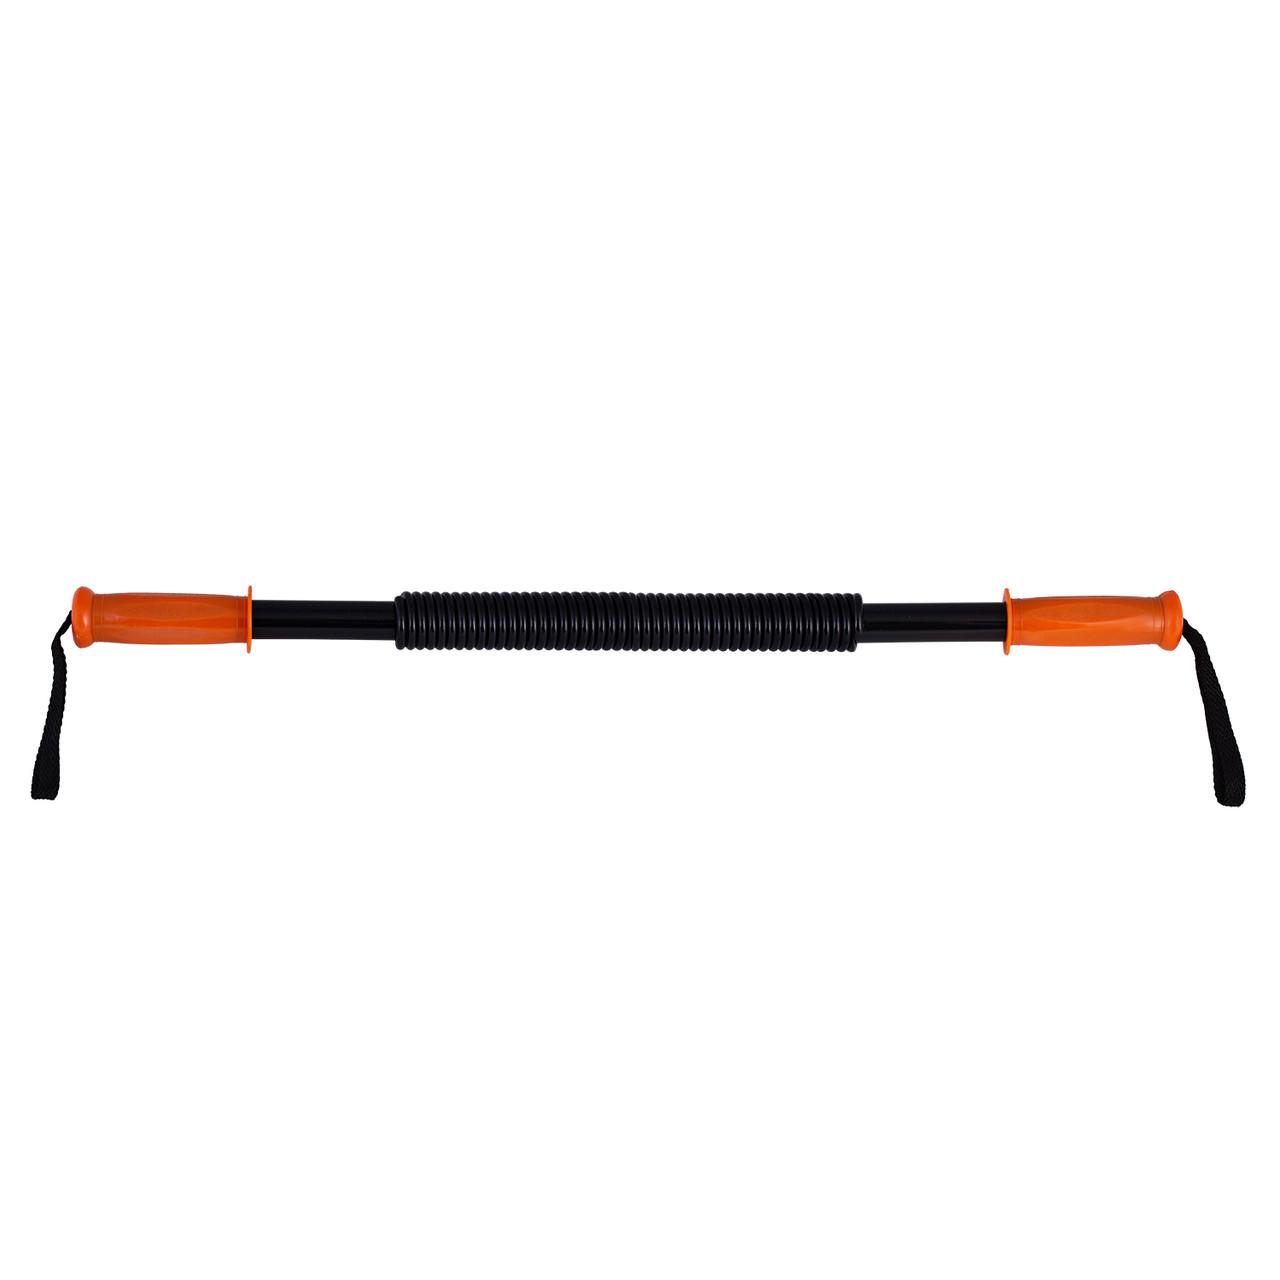 Эспандер для мышц груди Power Twister Atemi, APT01, 20 кг